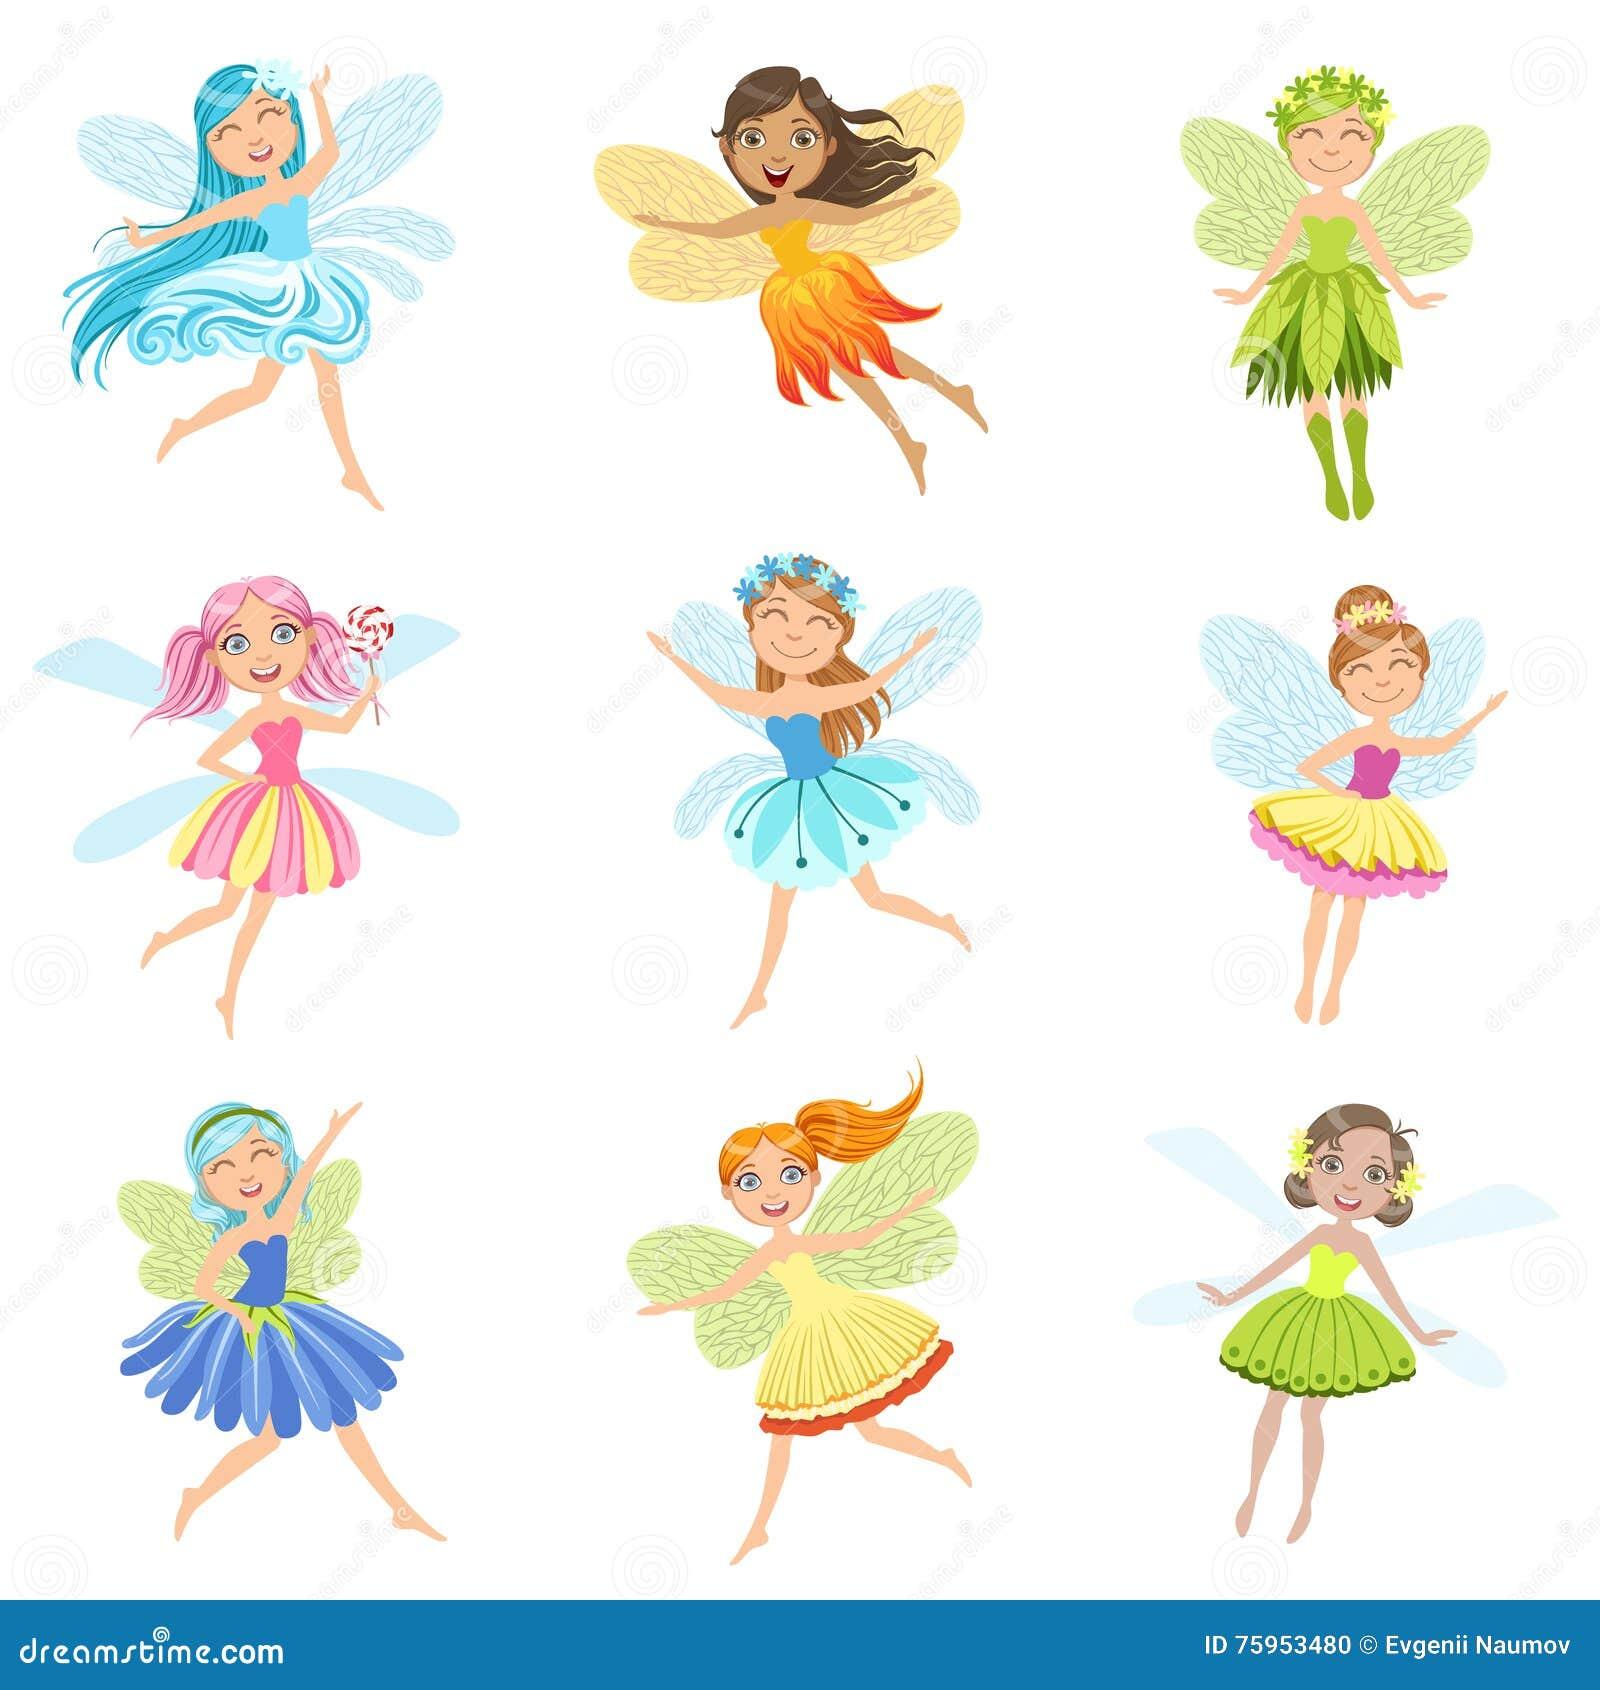 Cartoon Fairies Stock Illustrations 1 325 Cartoon Fairies Stock Illustrations Vectors Clipart Dreamstime